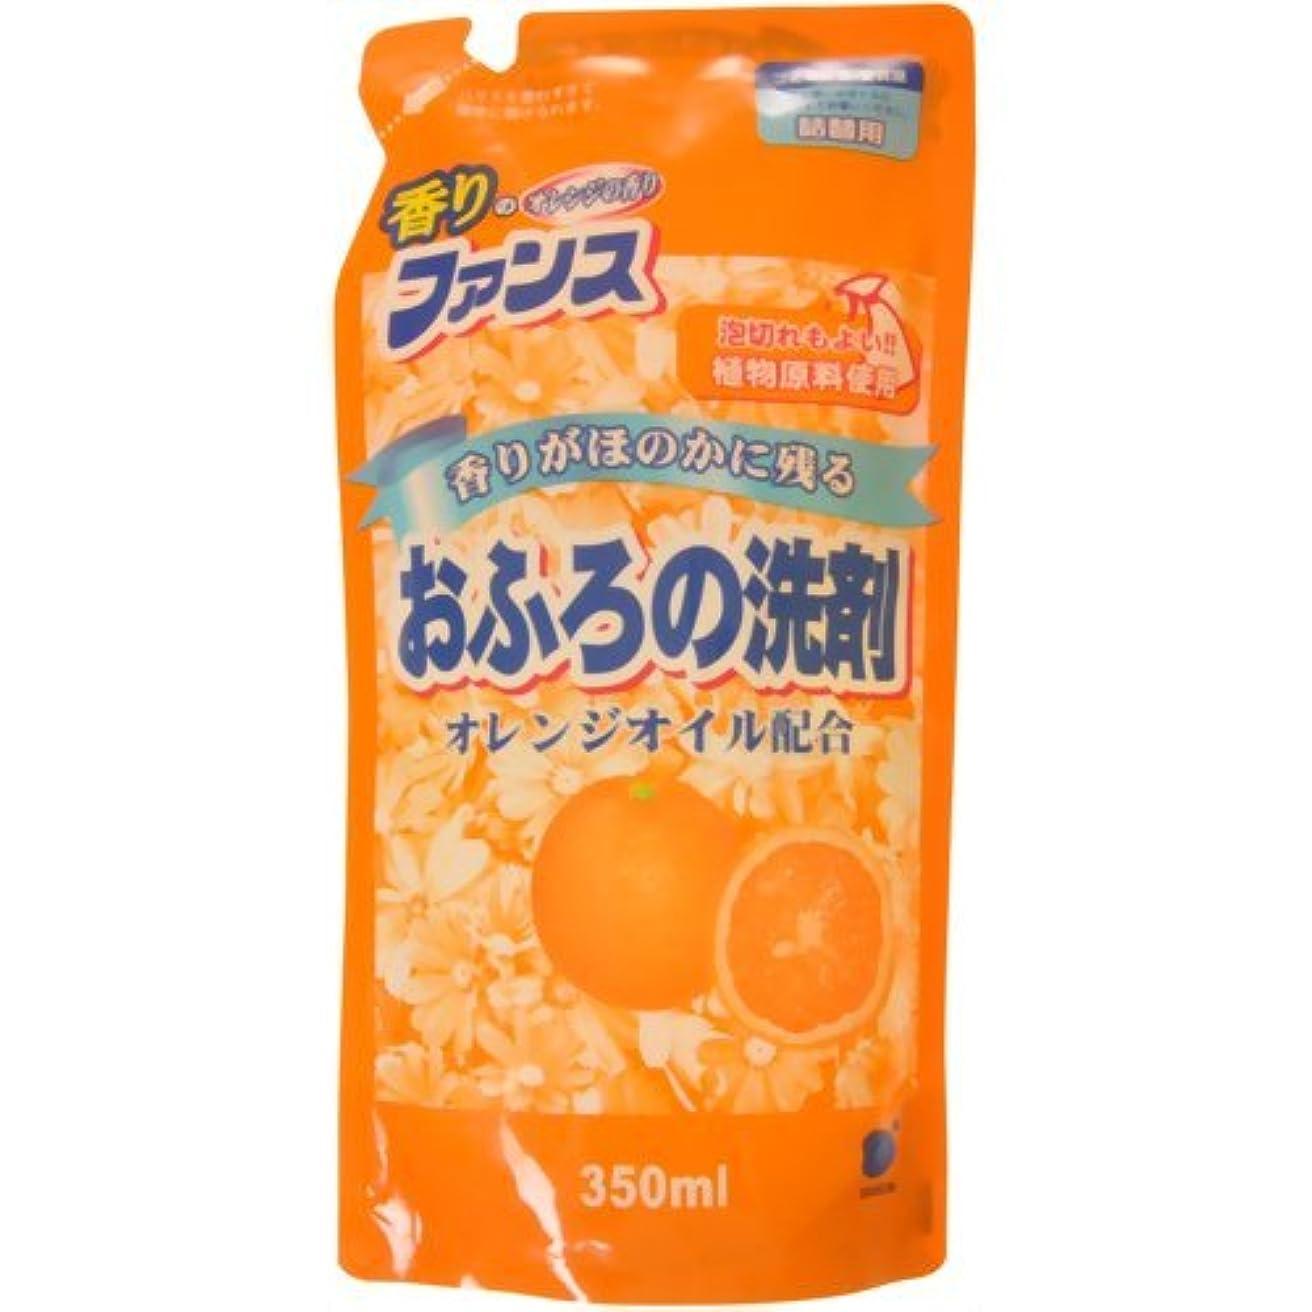 飛ぶブルジョンする必要がある香りのファンス おふろの洗剤 オレンジ つめかえ用 350ml